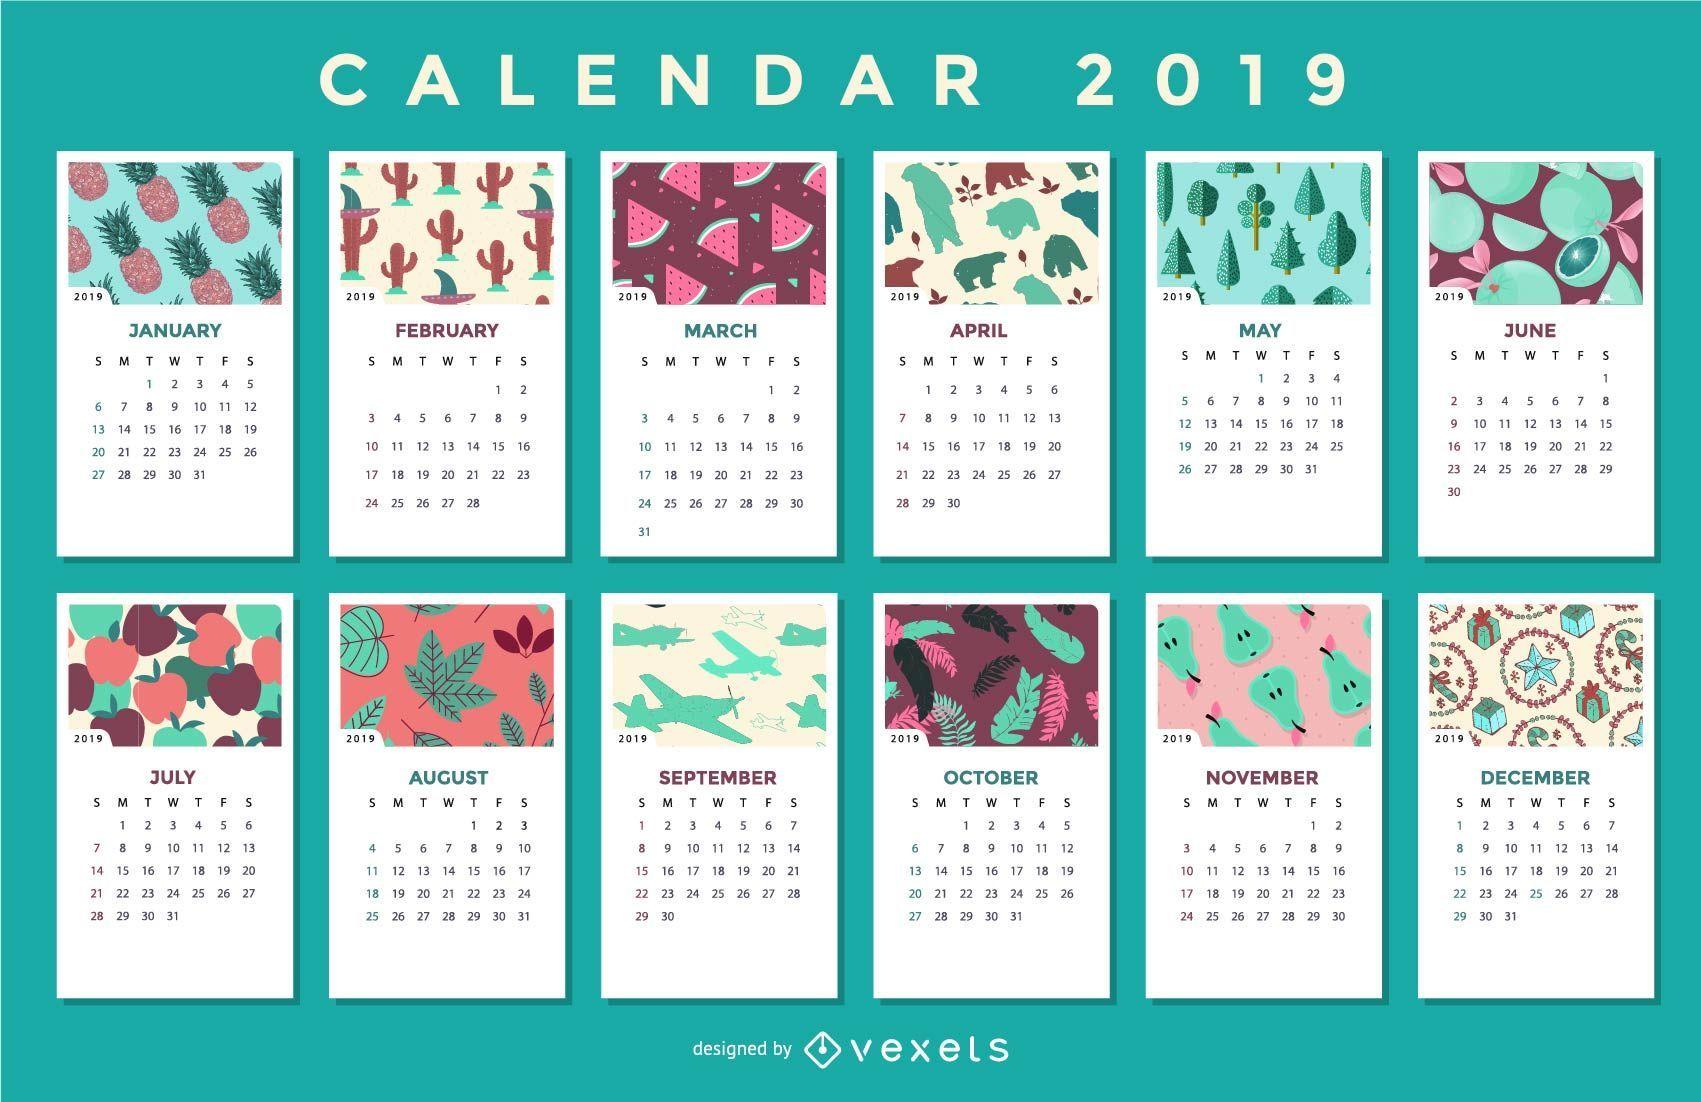 Diseño de calendario estacional 2019